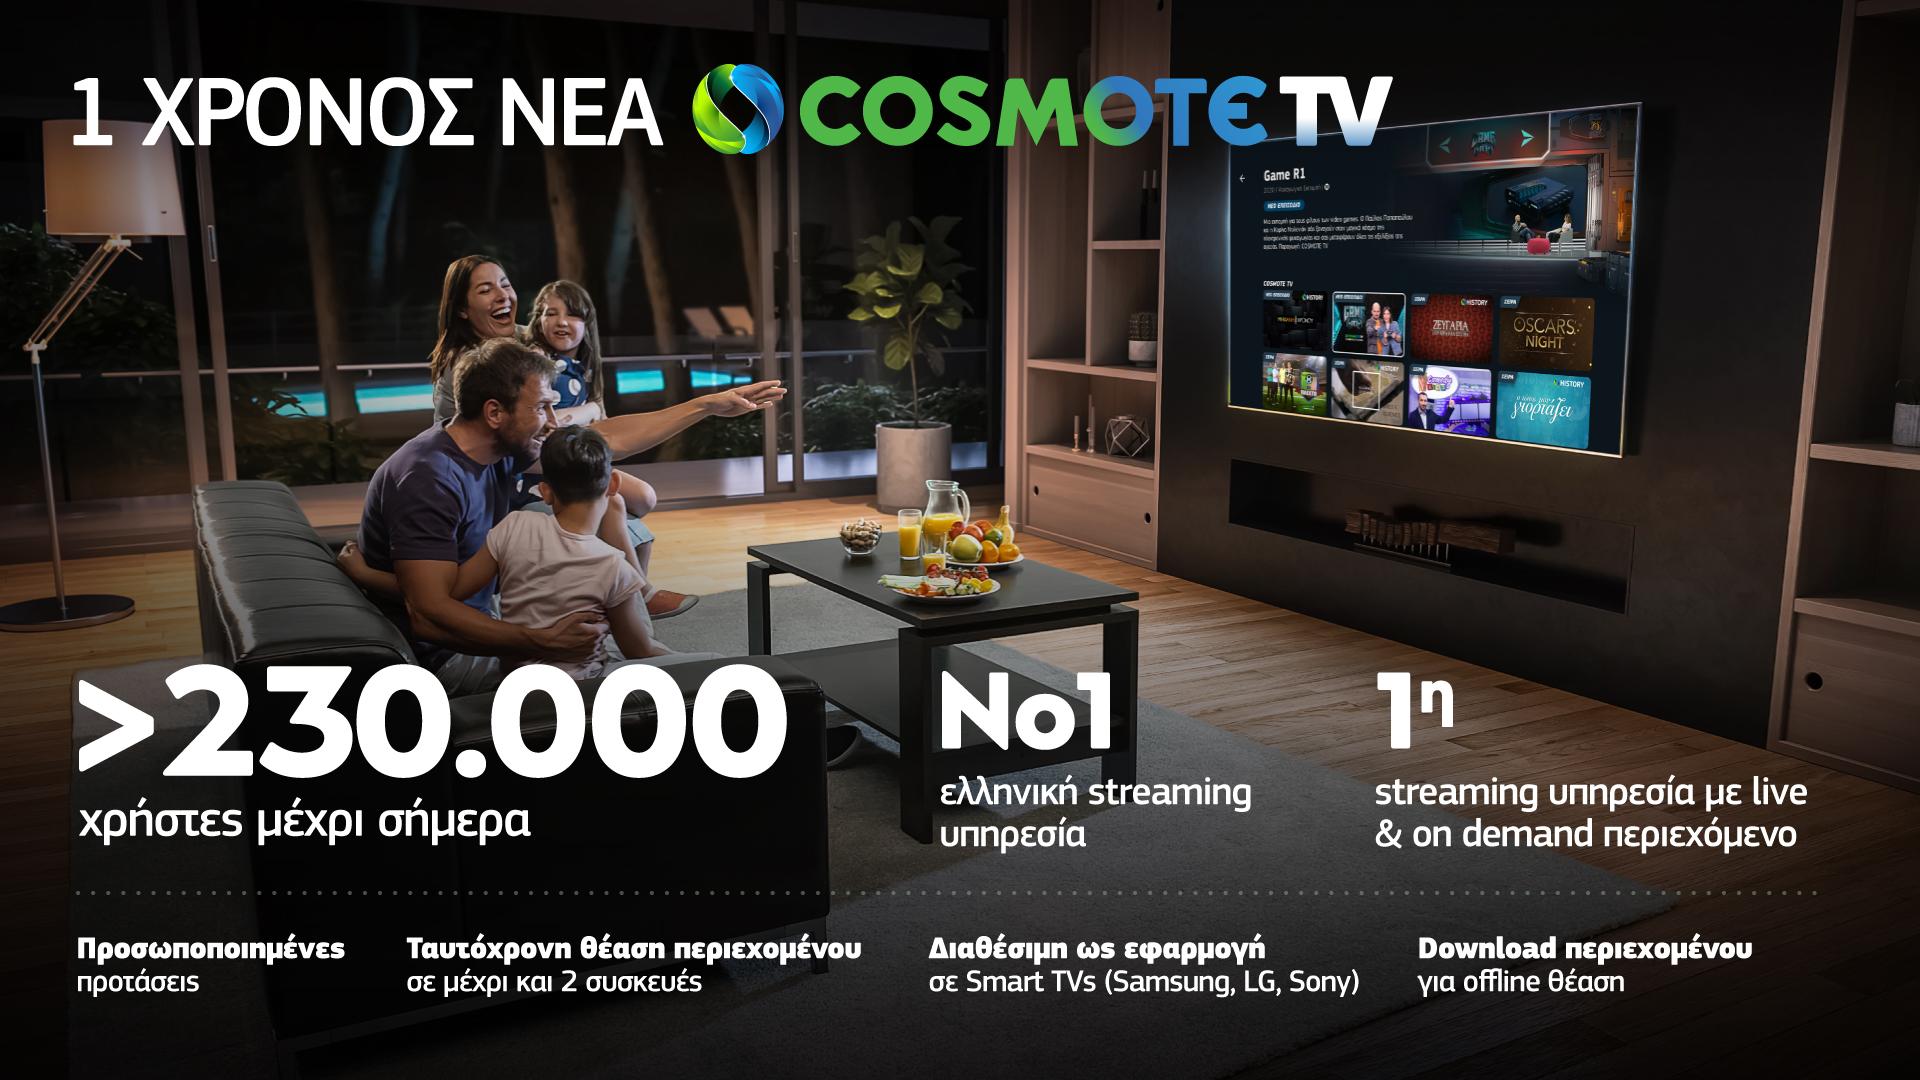 Απαγορεύεται σε Cosmote TV και Nova να διεκδικήσουν άδεια!